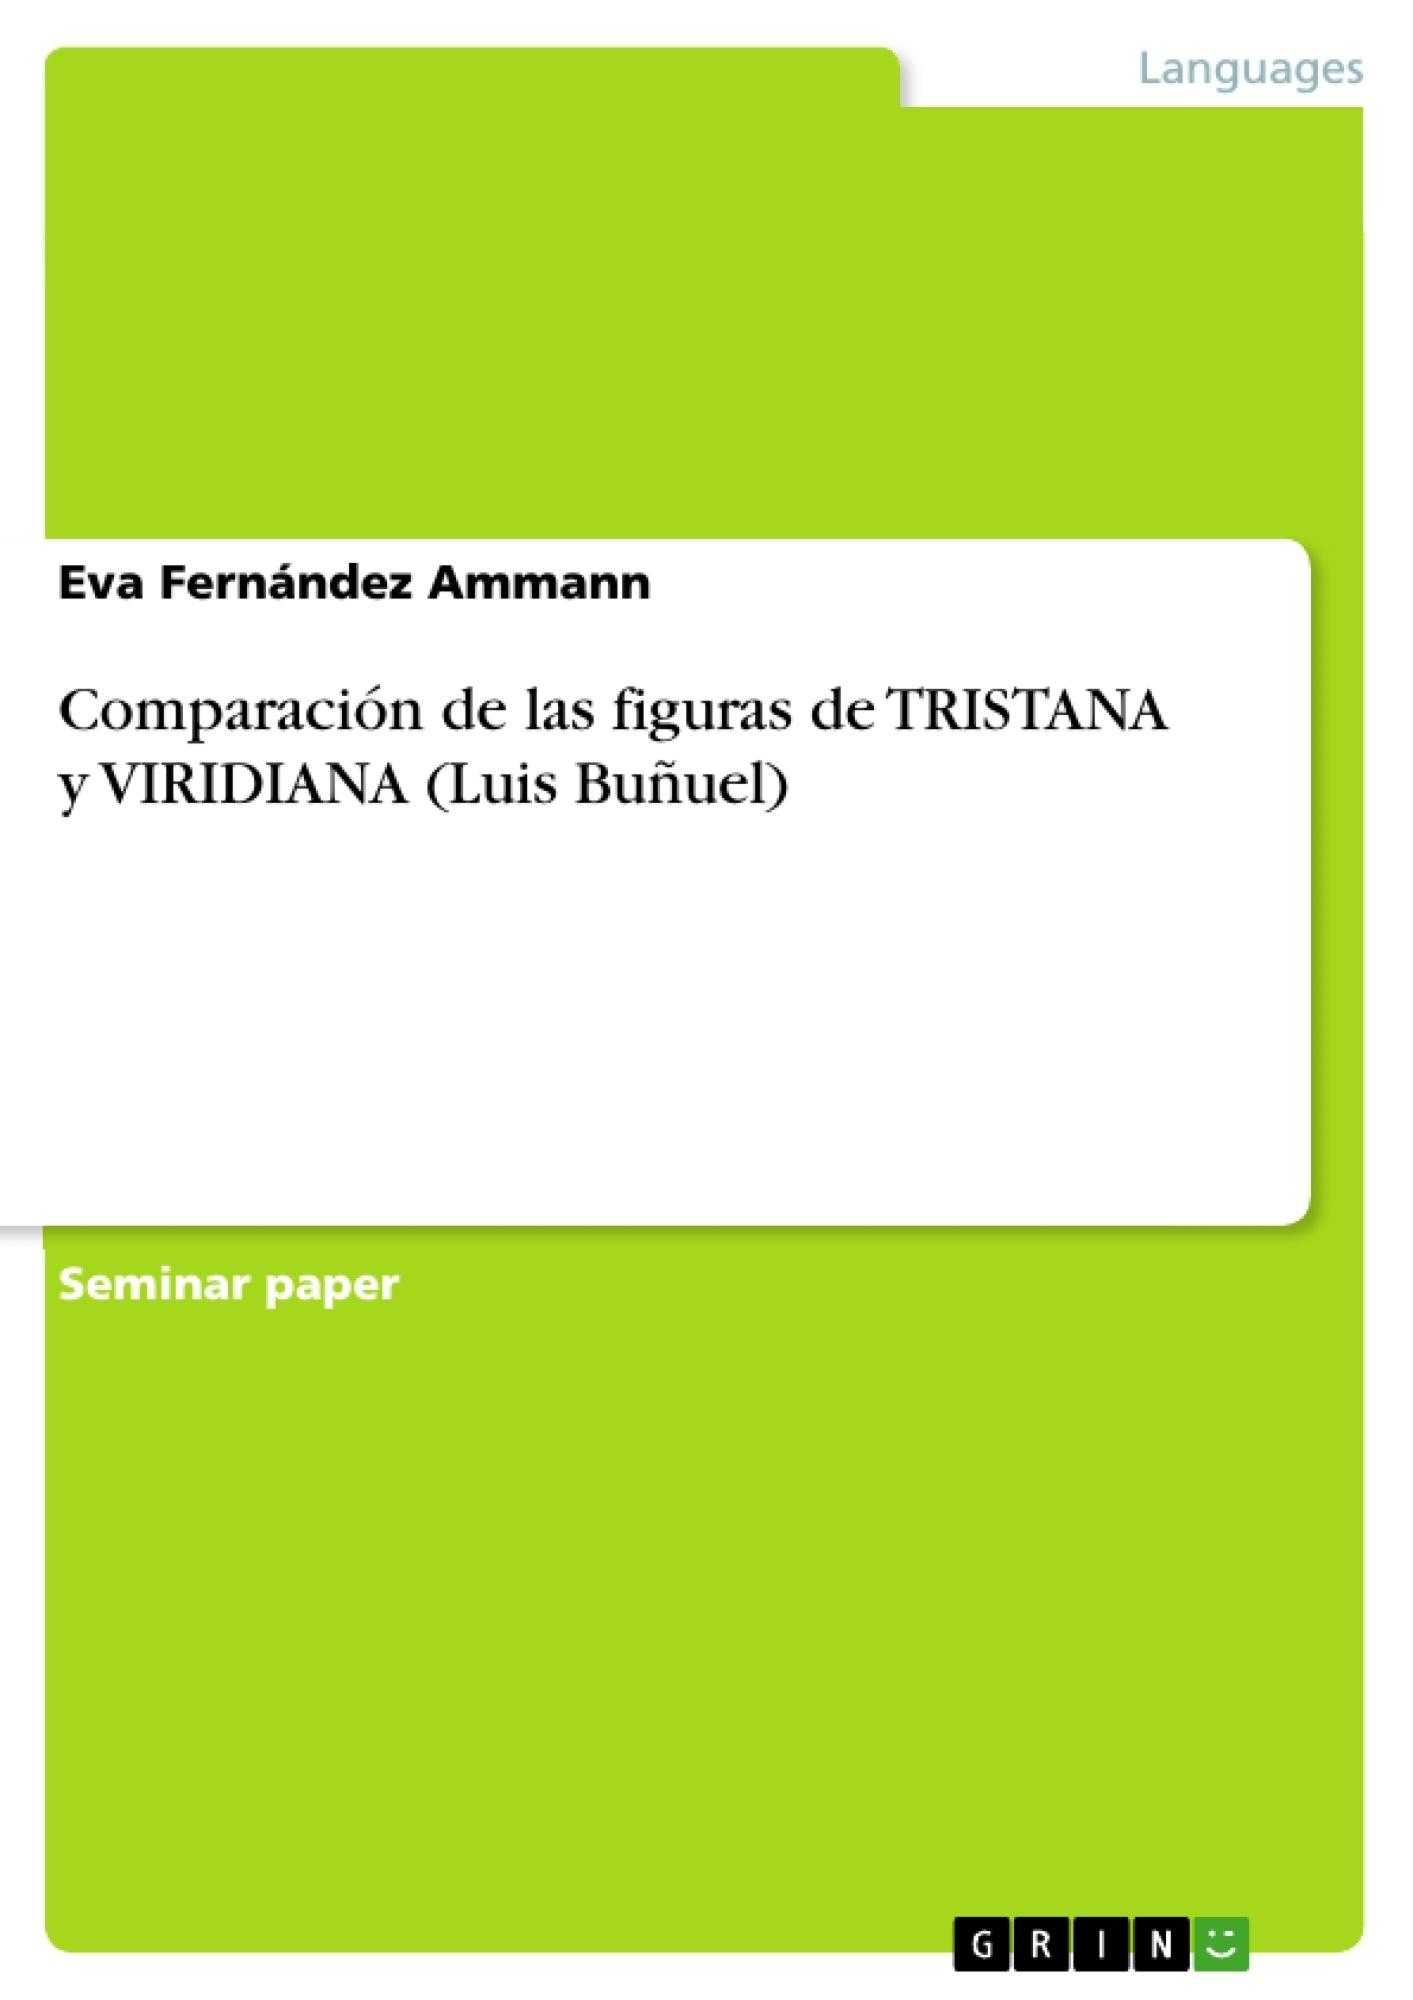 Título: Comparación de las figuras de TRISTANA y VIRIDIANA (Luis Buñuel)